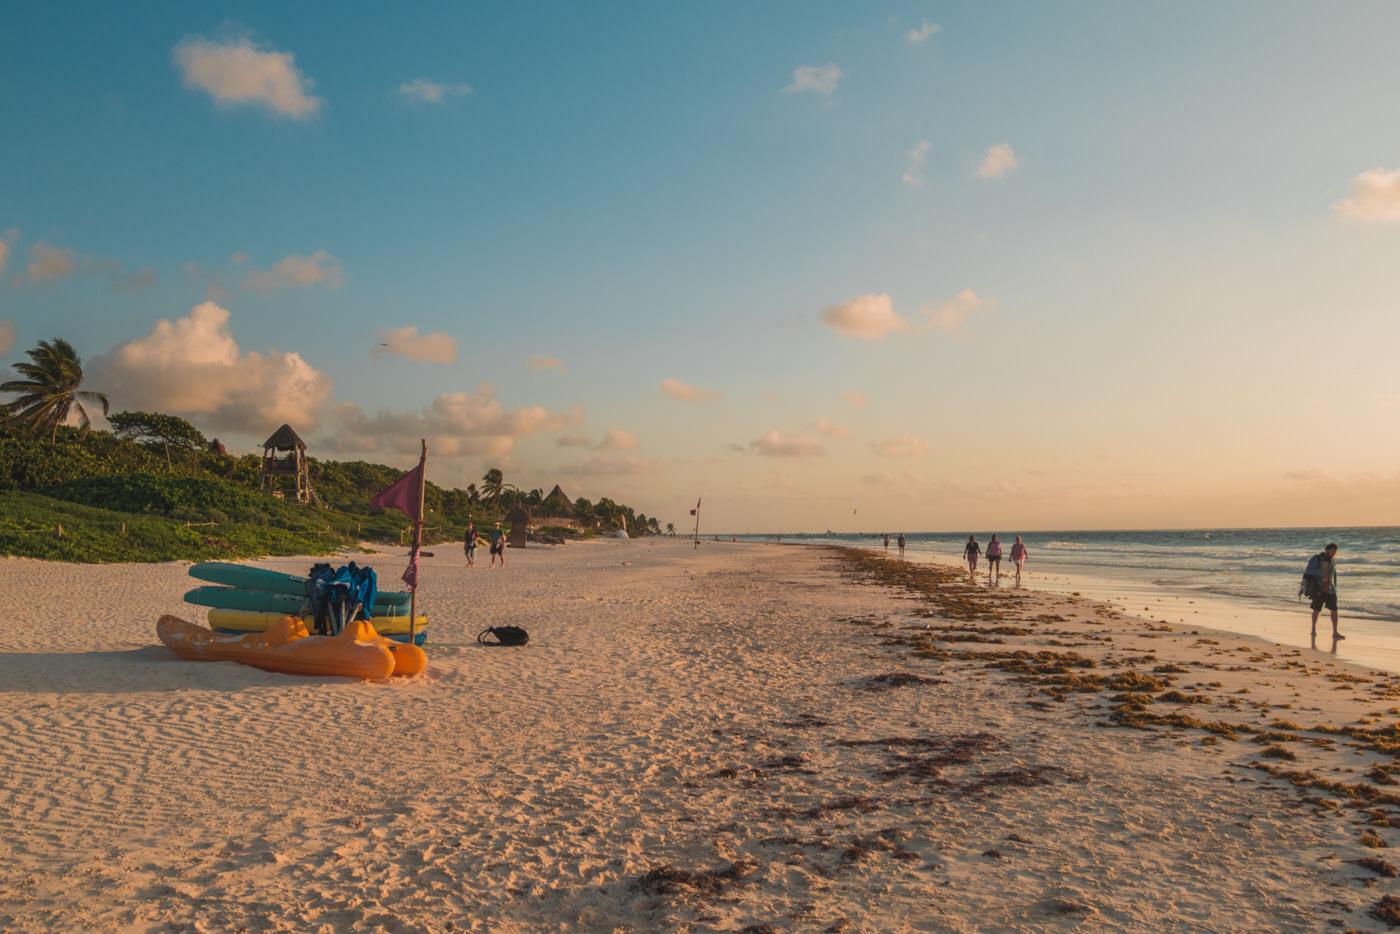 Sonnenaufgang am Strand von Tulum in Mexiko